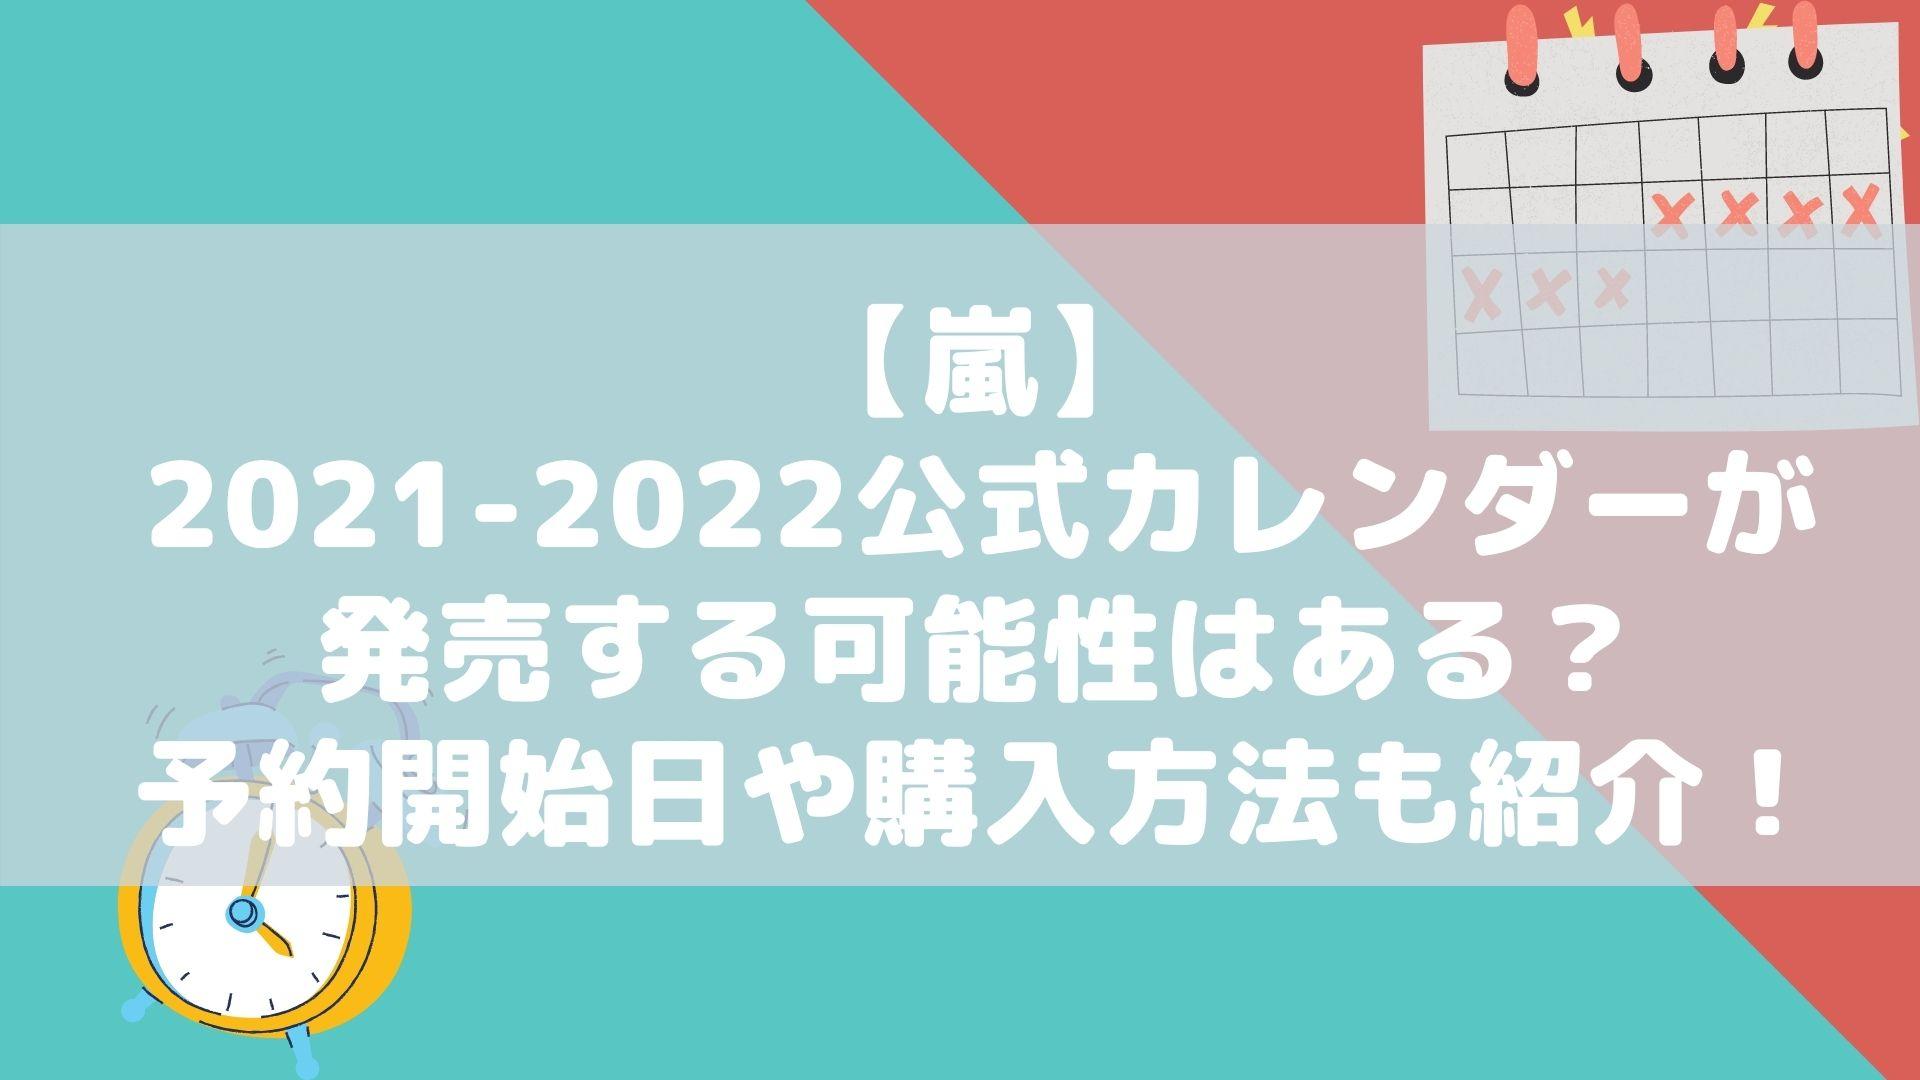 【嵐】2021-2022公式カレンダーが発売する可能性はある?予約開始日や購入方法も紹介!タイトル画像